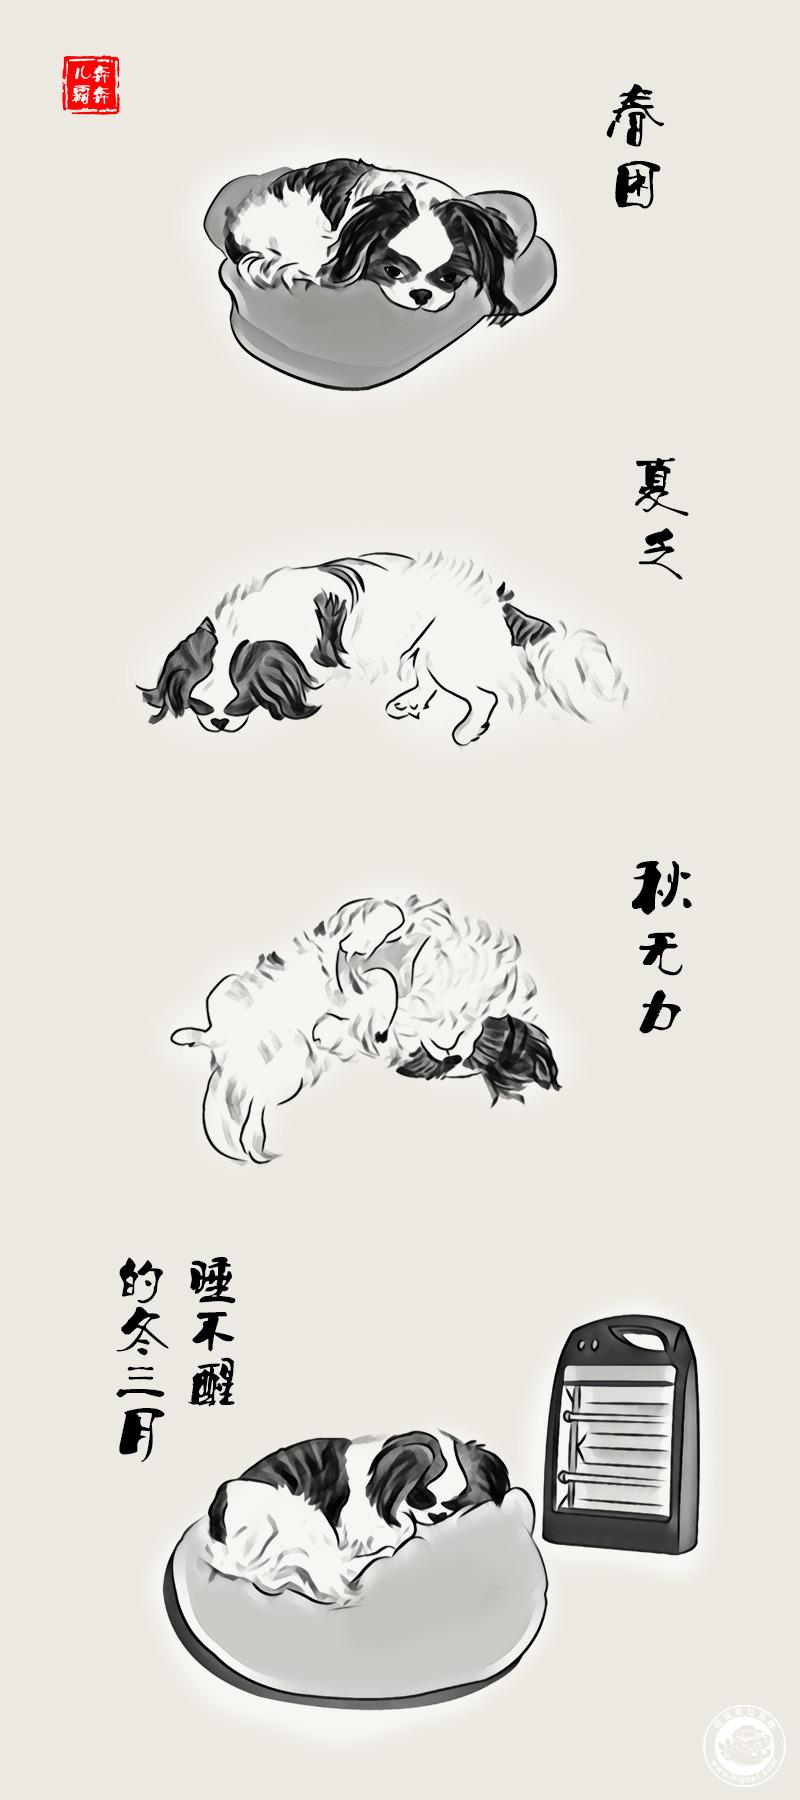 02春夏秋冬睡_定稿.jpg